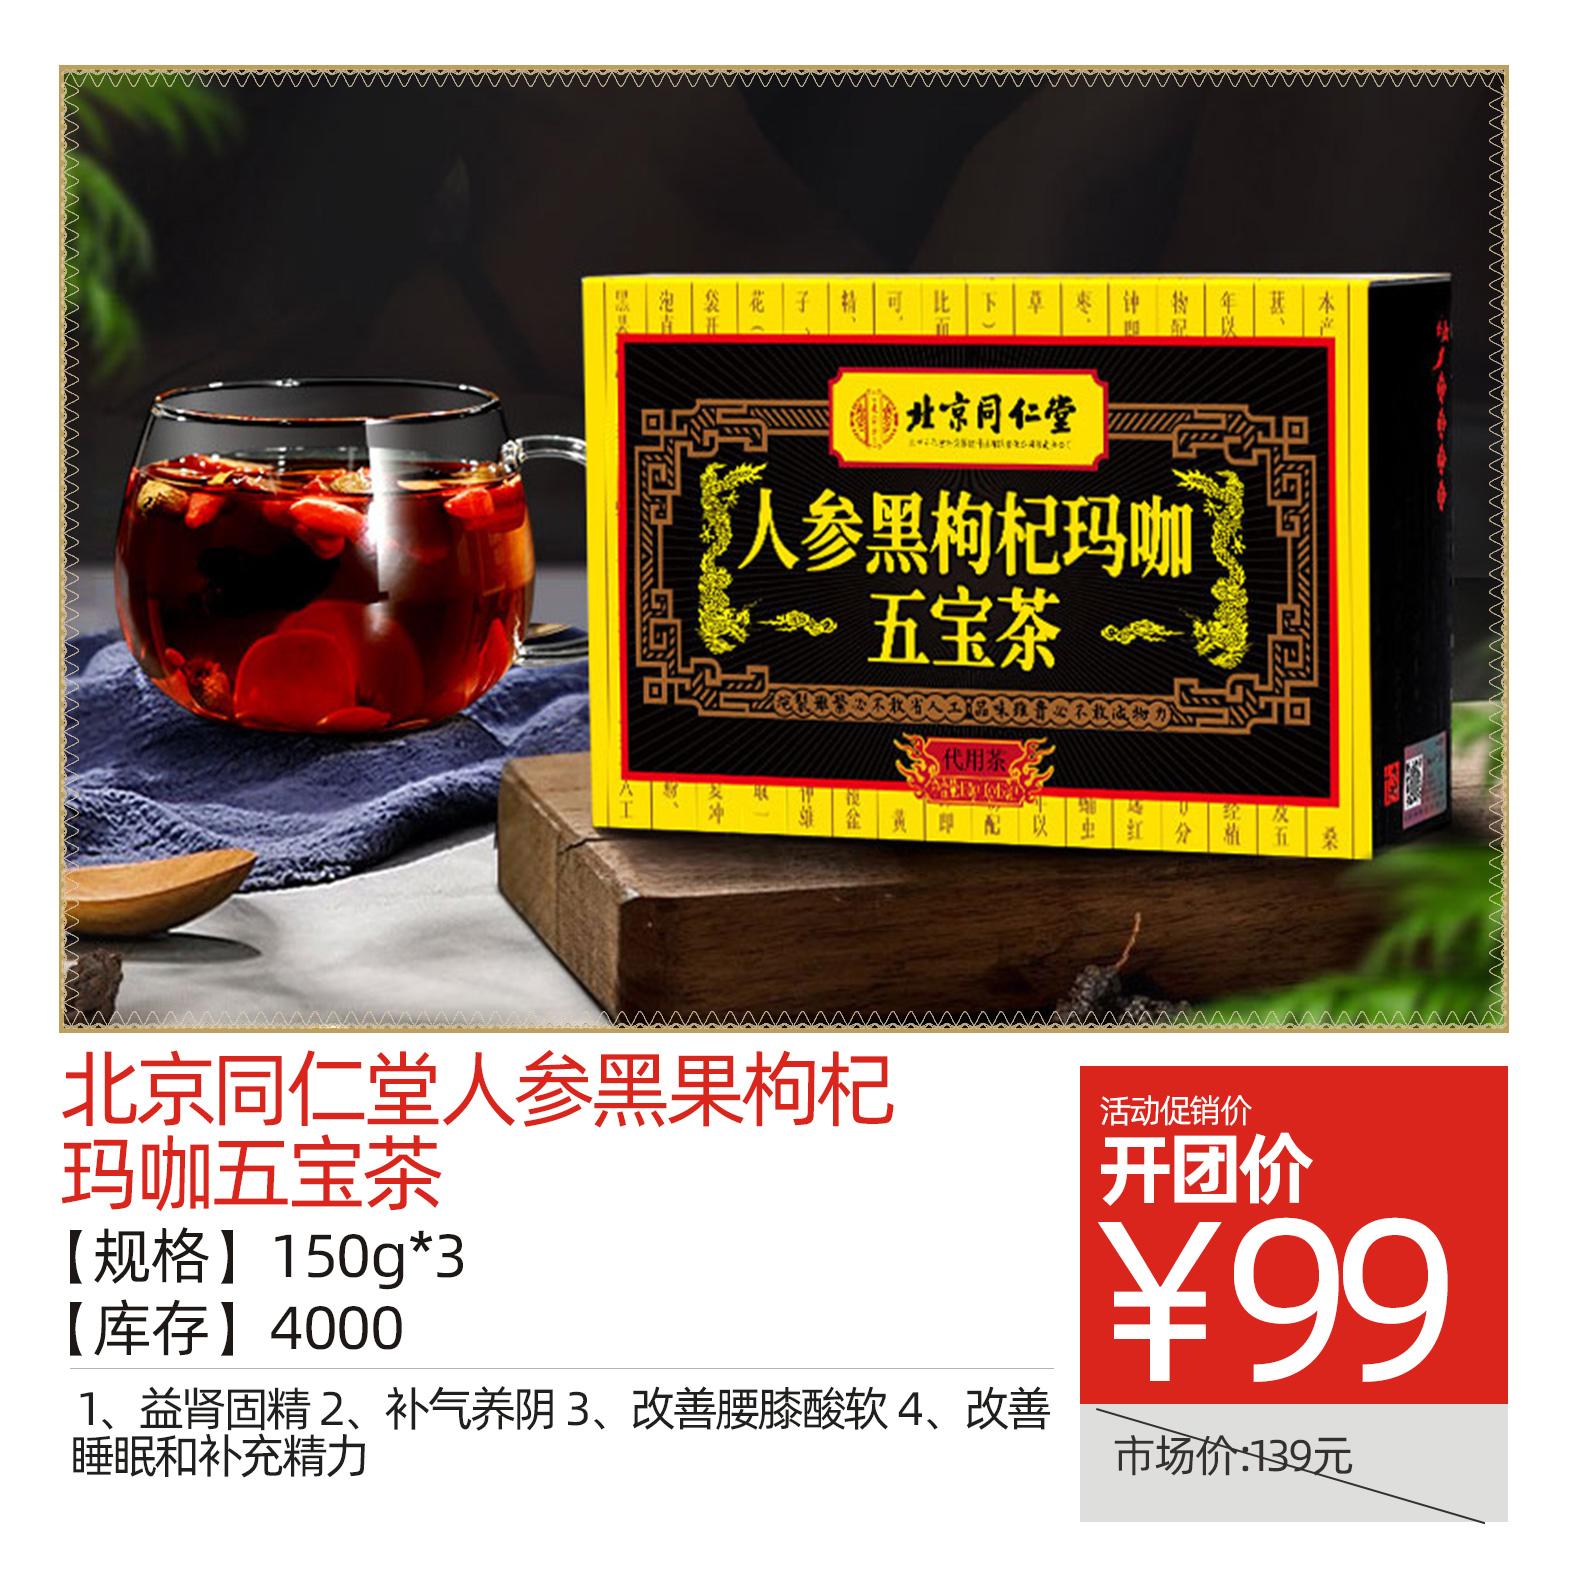 北京同仁堂人参黑果枸杞玛咖五宝茶150g